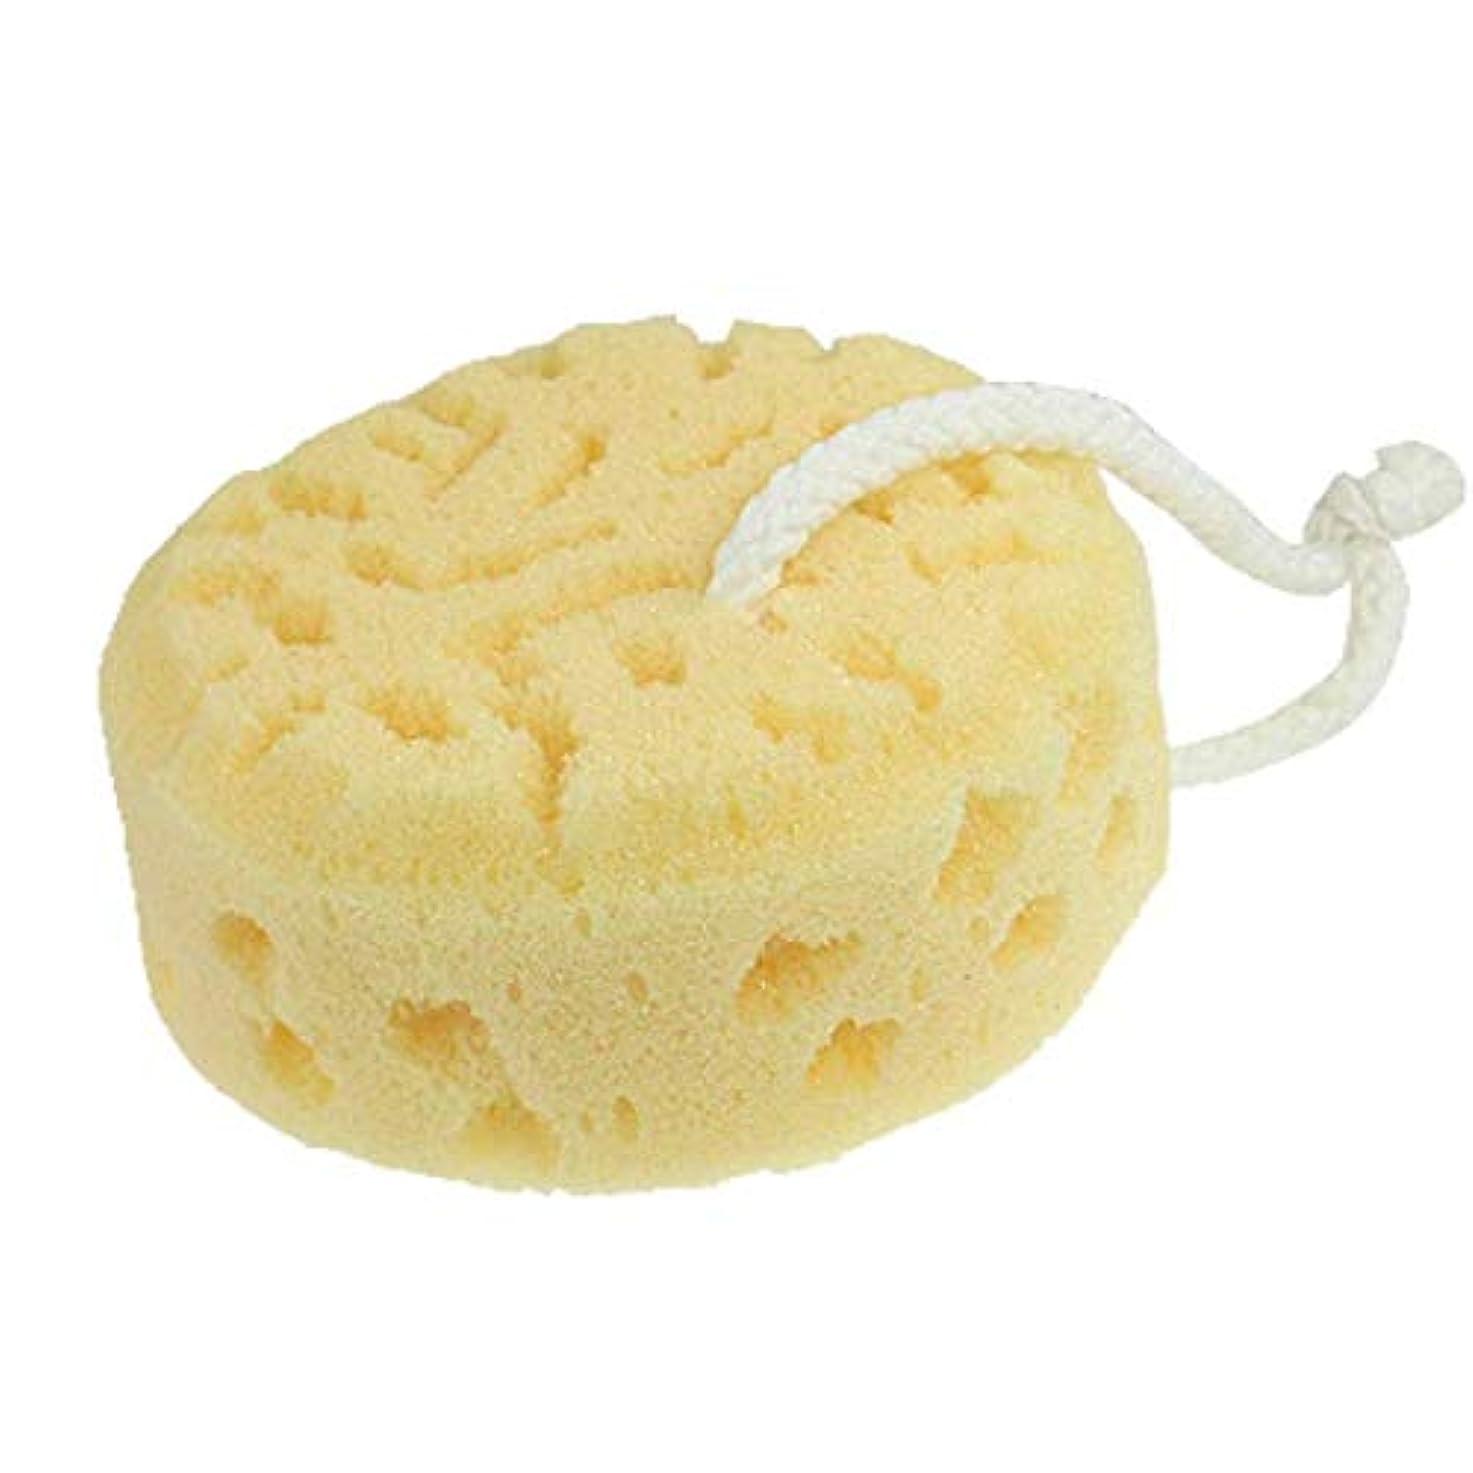 素晴らしいピュー後ろにUotyle ボディスポンジ 泡立ち ふわふわ お風呂用 ボディ用ブラシ 肌にやさしい 浴用スポンジ